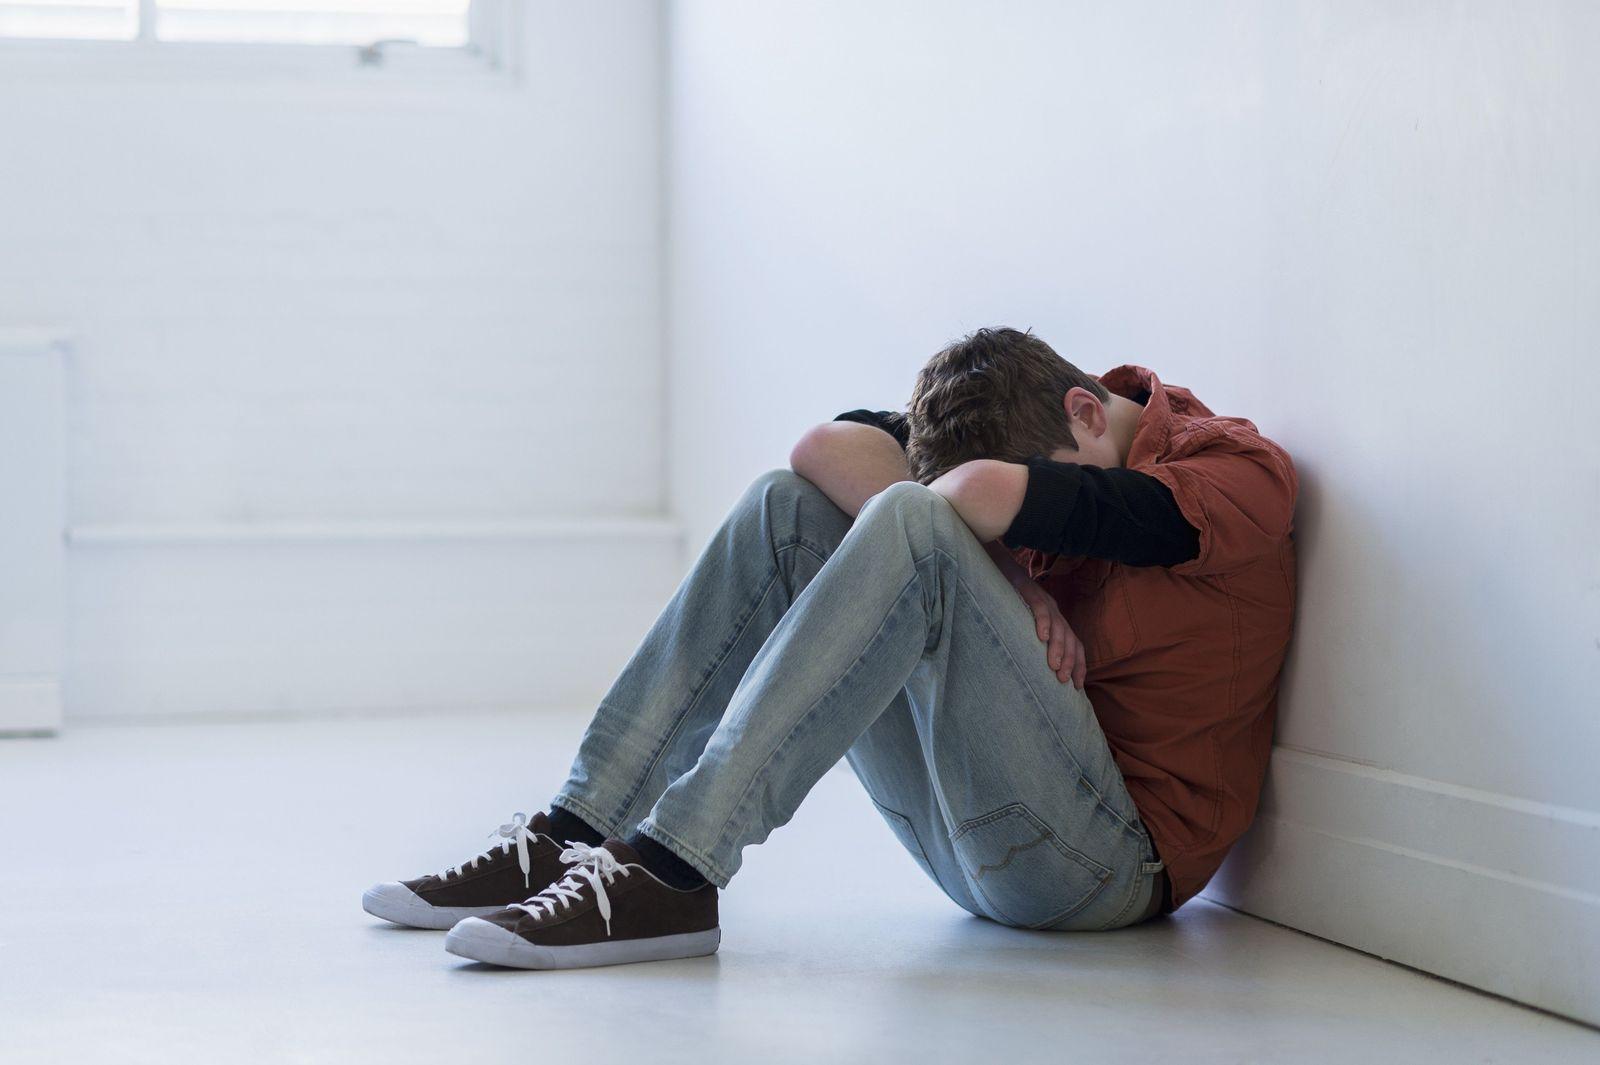 NICHT MEHR VERWENDEN! - Depression/ Junger Mann